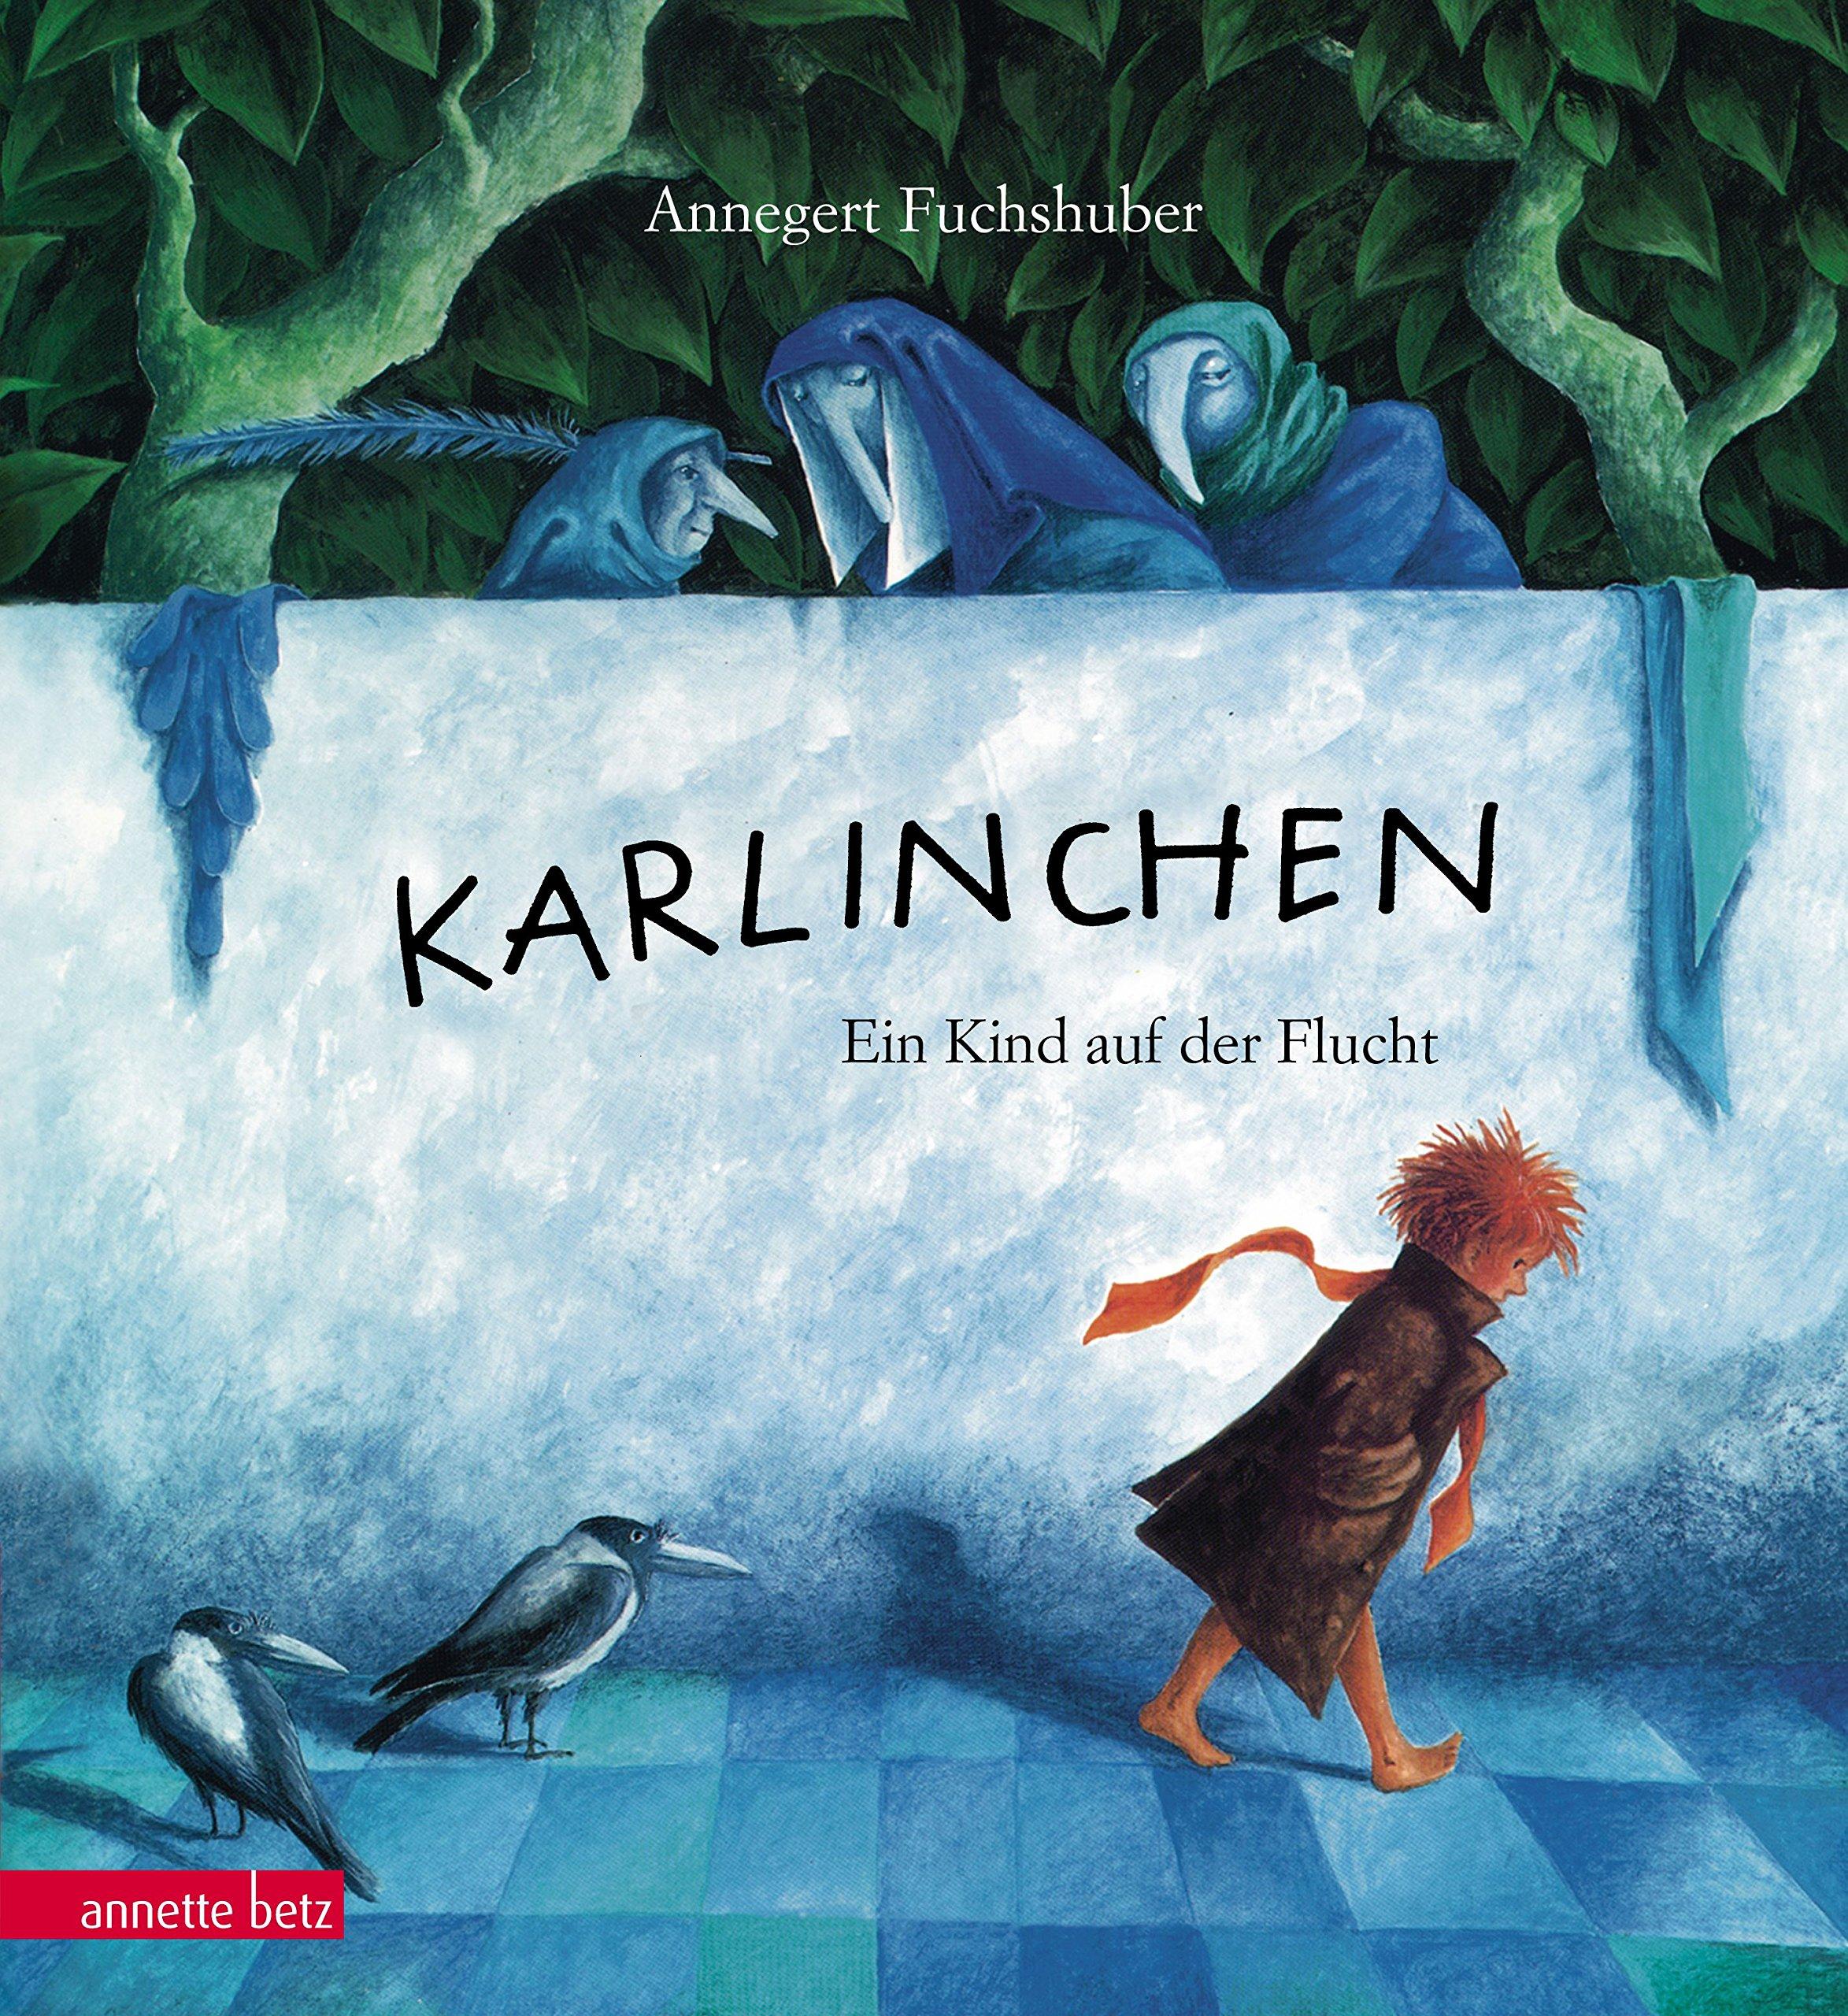 Karlinchen: Ein Kind auf der Flucht: Amazon.de: Annegert Fuchshuber ...